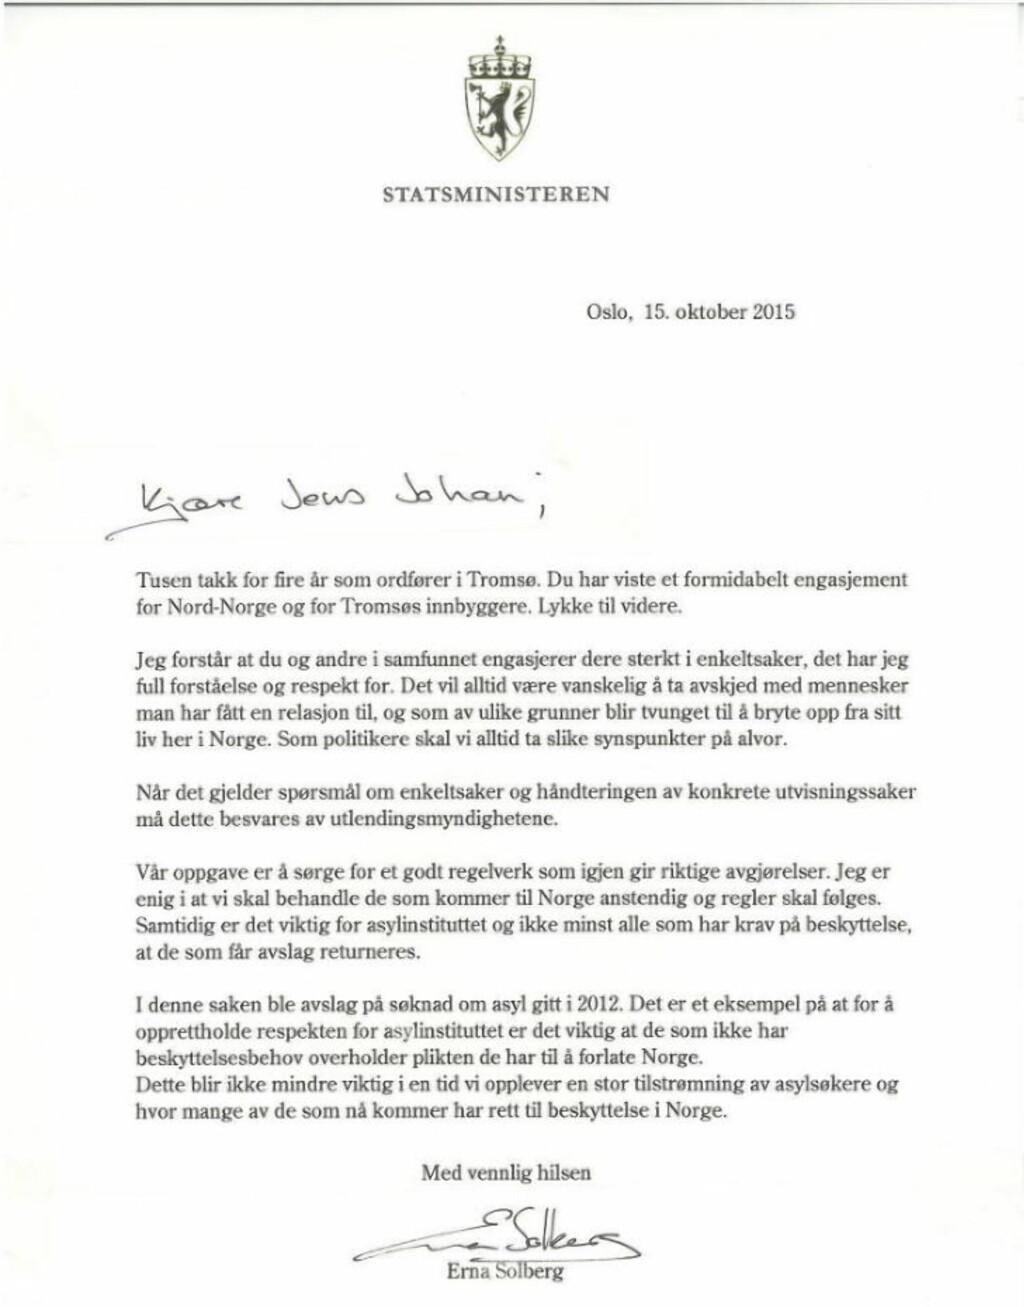 image: Gikk av med rasende brev til Solberg i går. I dag kom svaret fra statsministeren